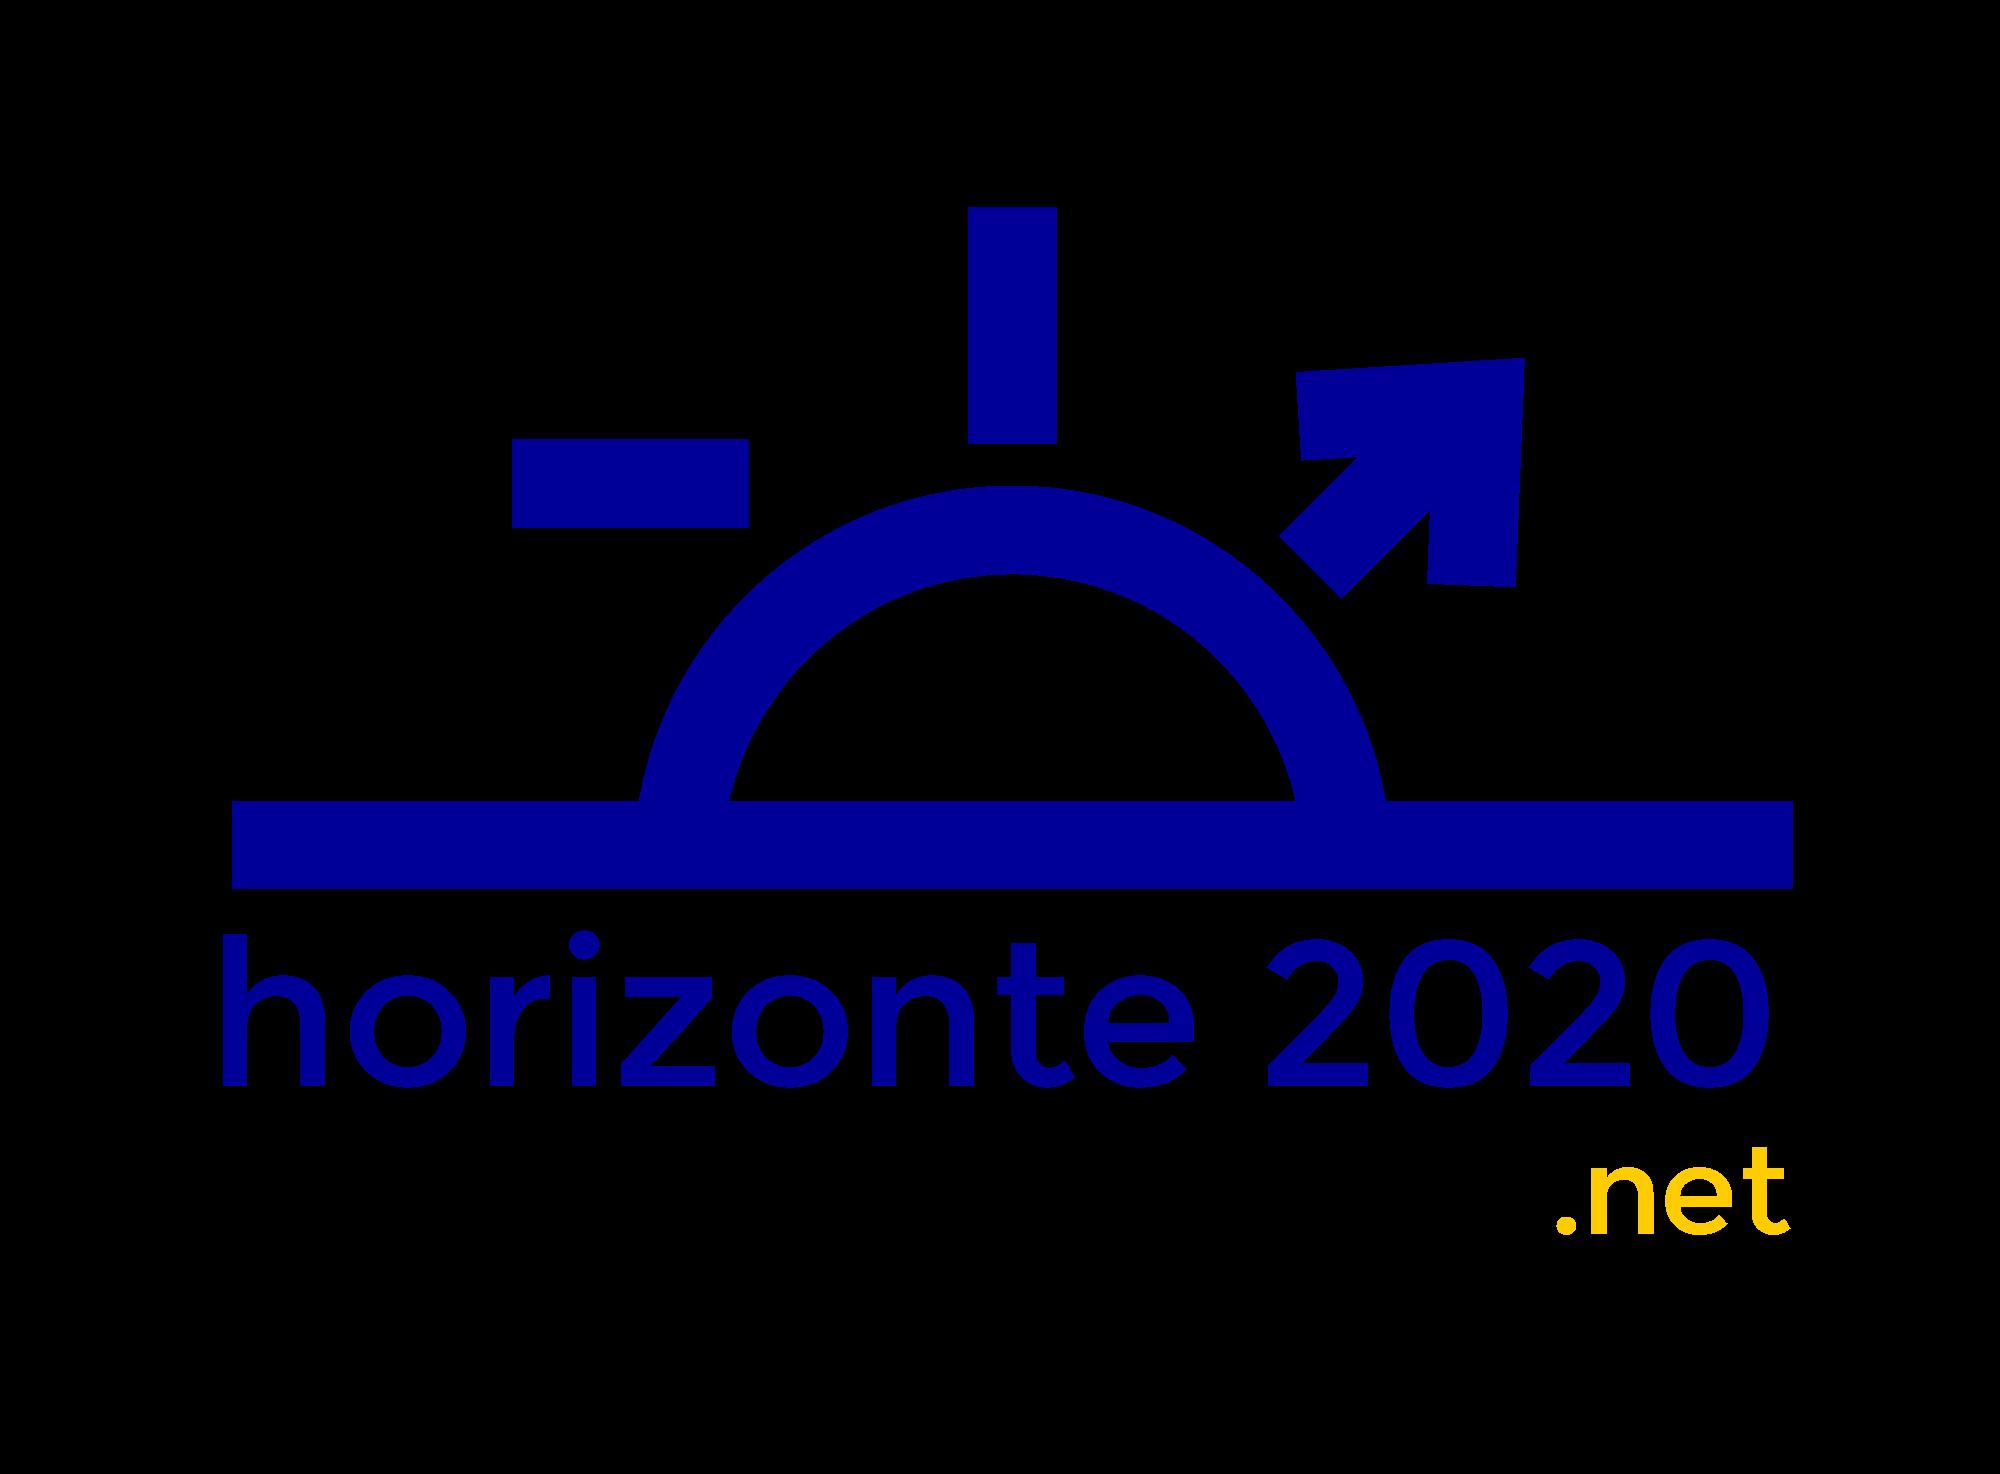 horizonte 2020-logo (2).png